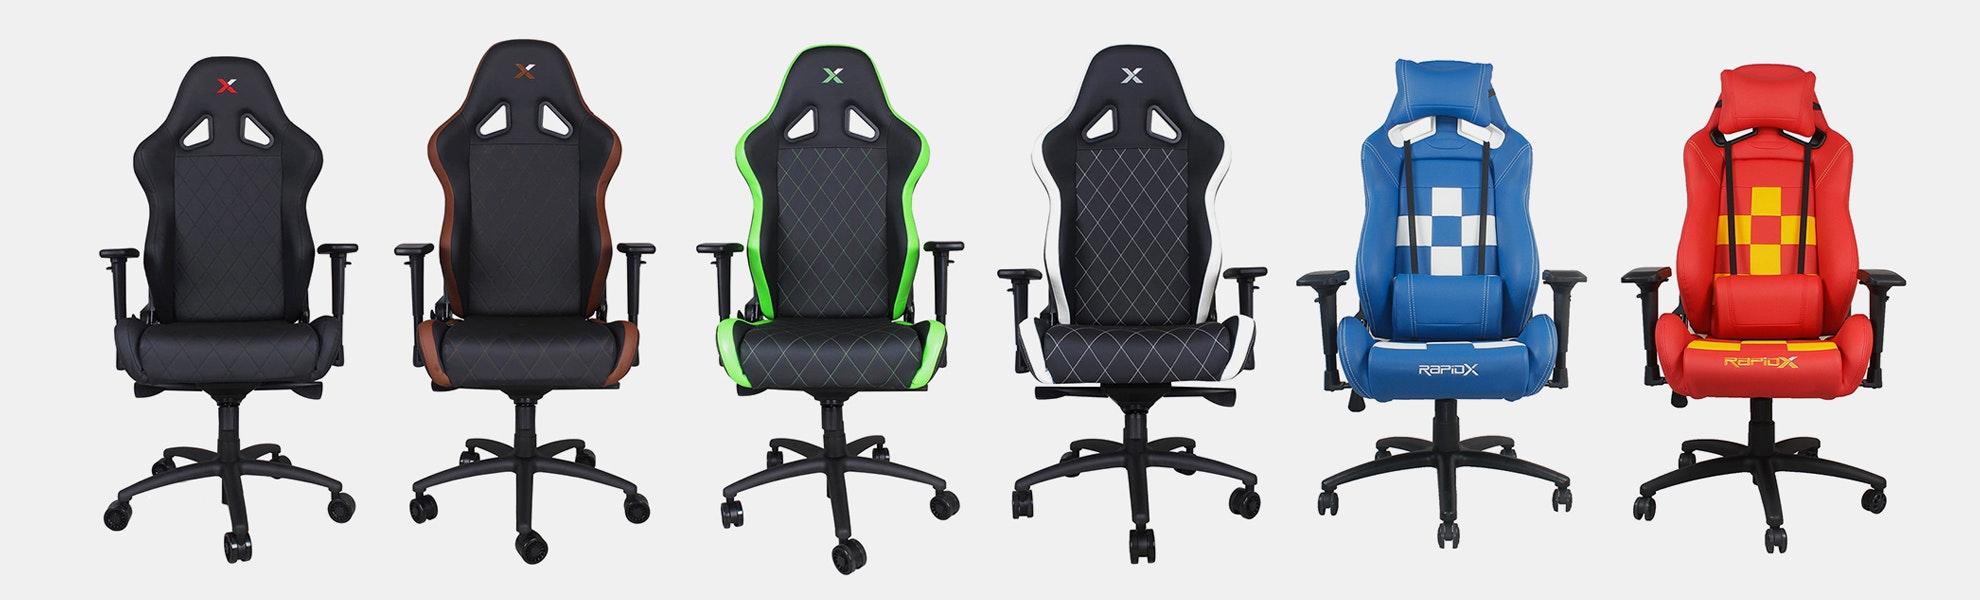 RapidX Ferrino & Finish Line Series Gaming Chairs